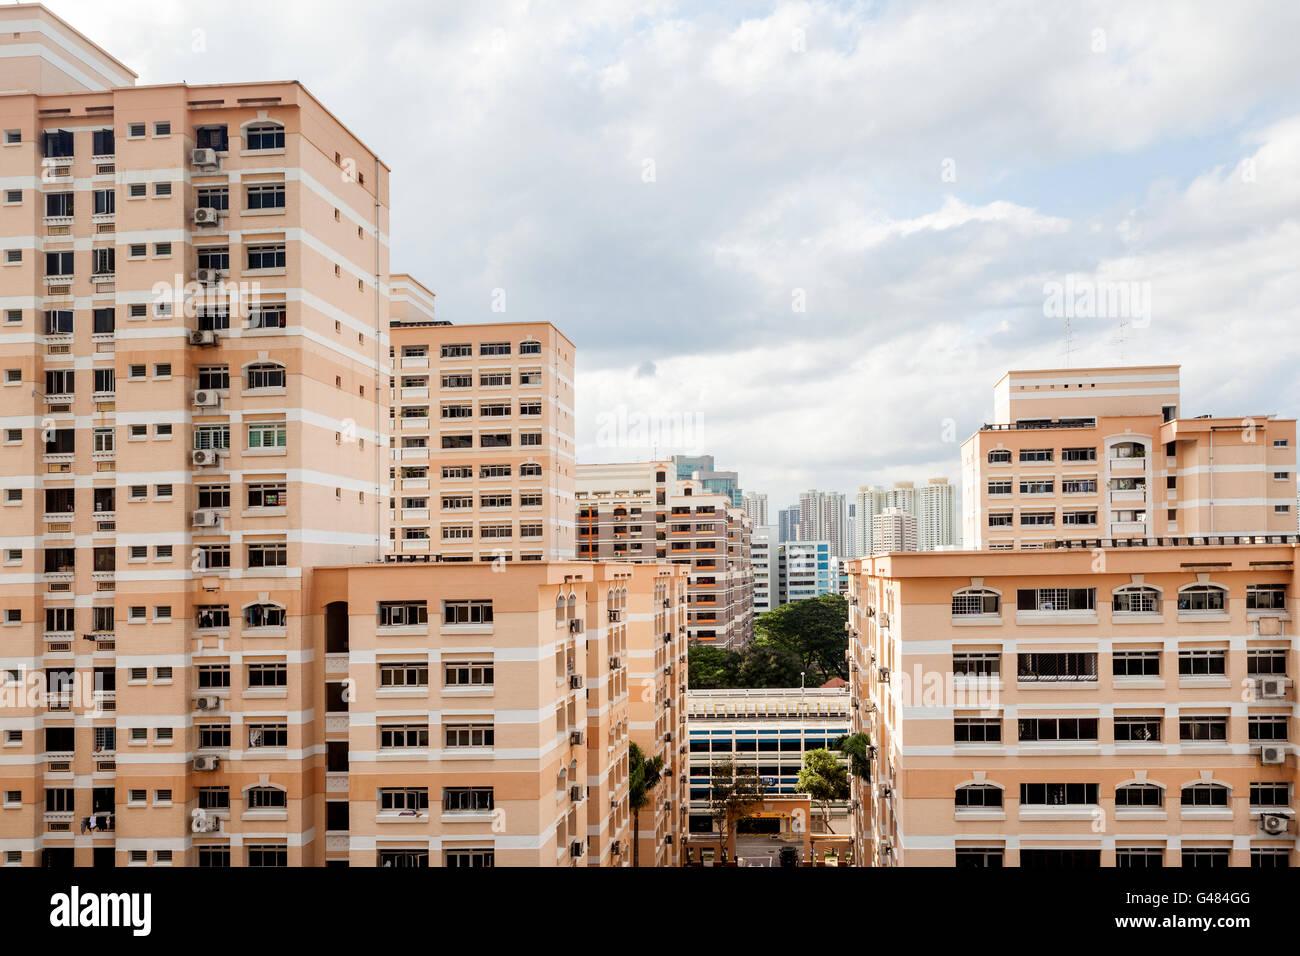 Singapour une cité résidentielle avec vacances blocs contre un ciel nuageux. Banque D'Images